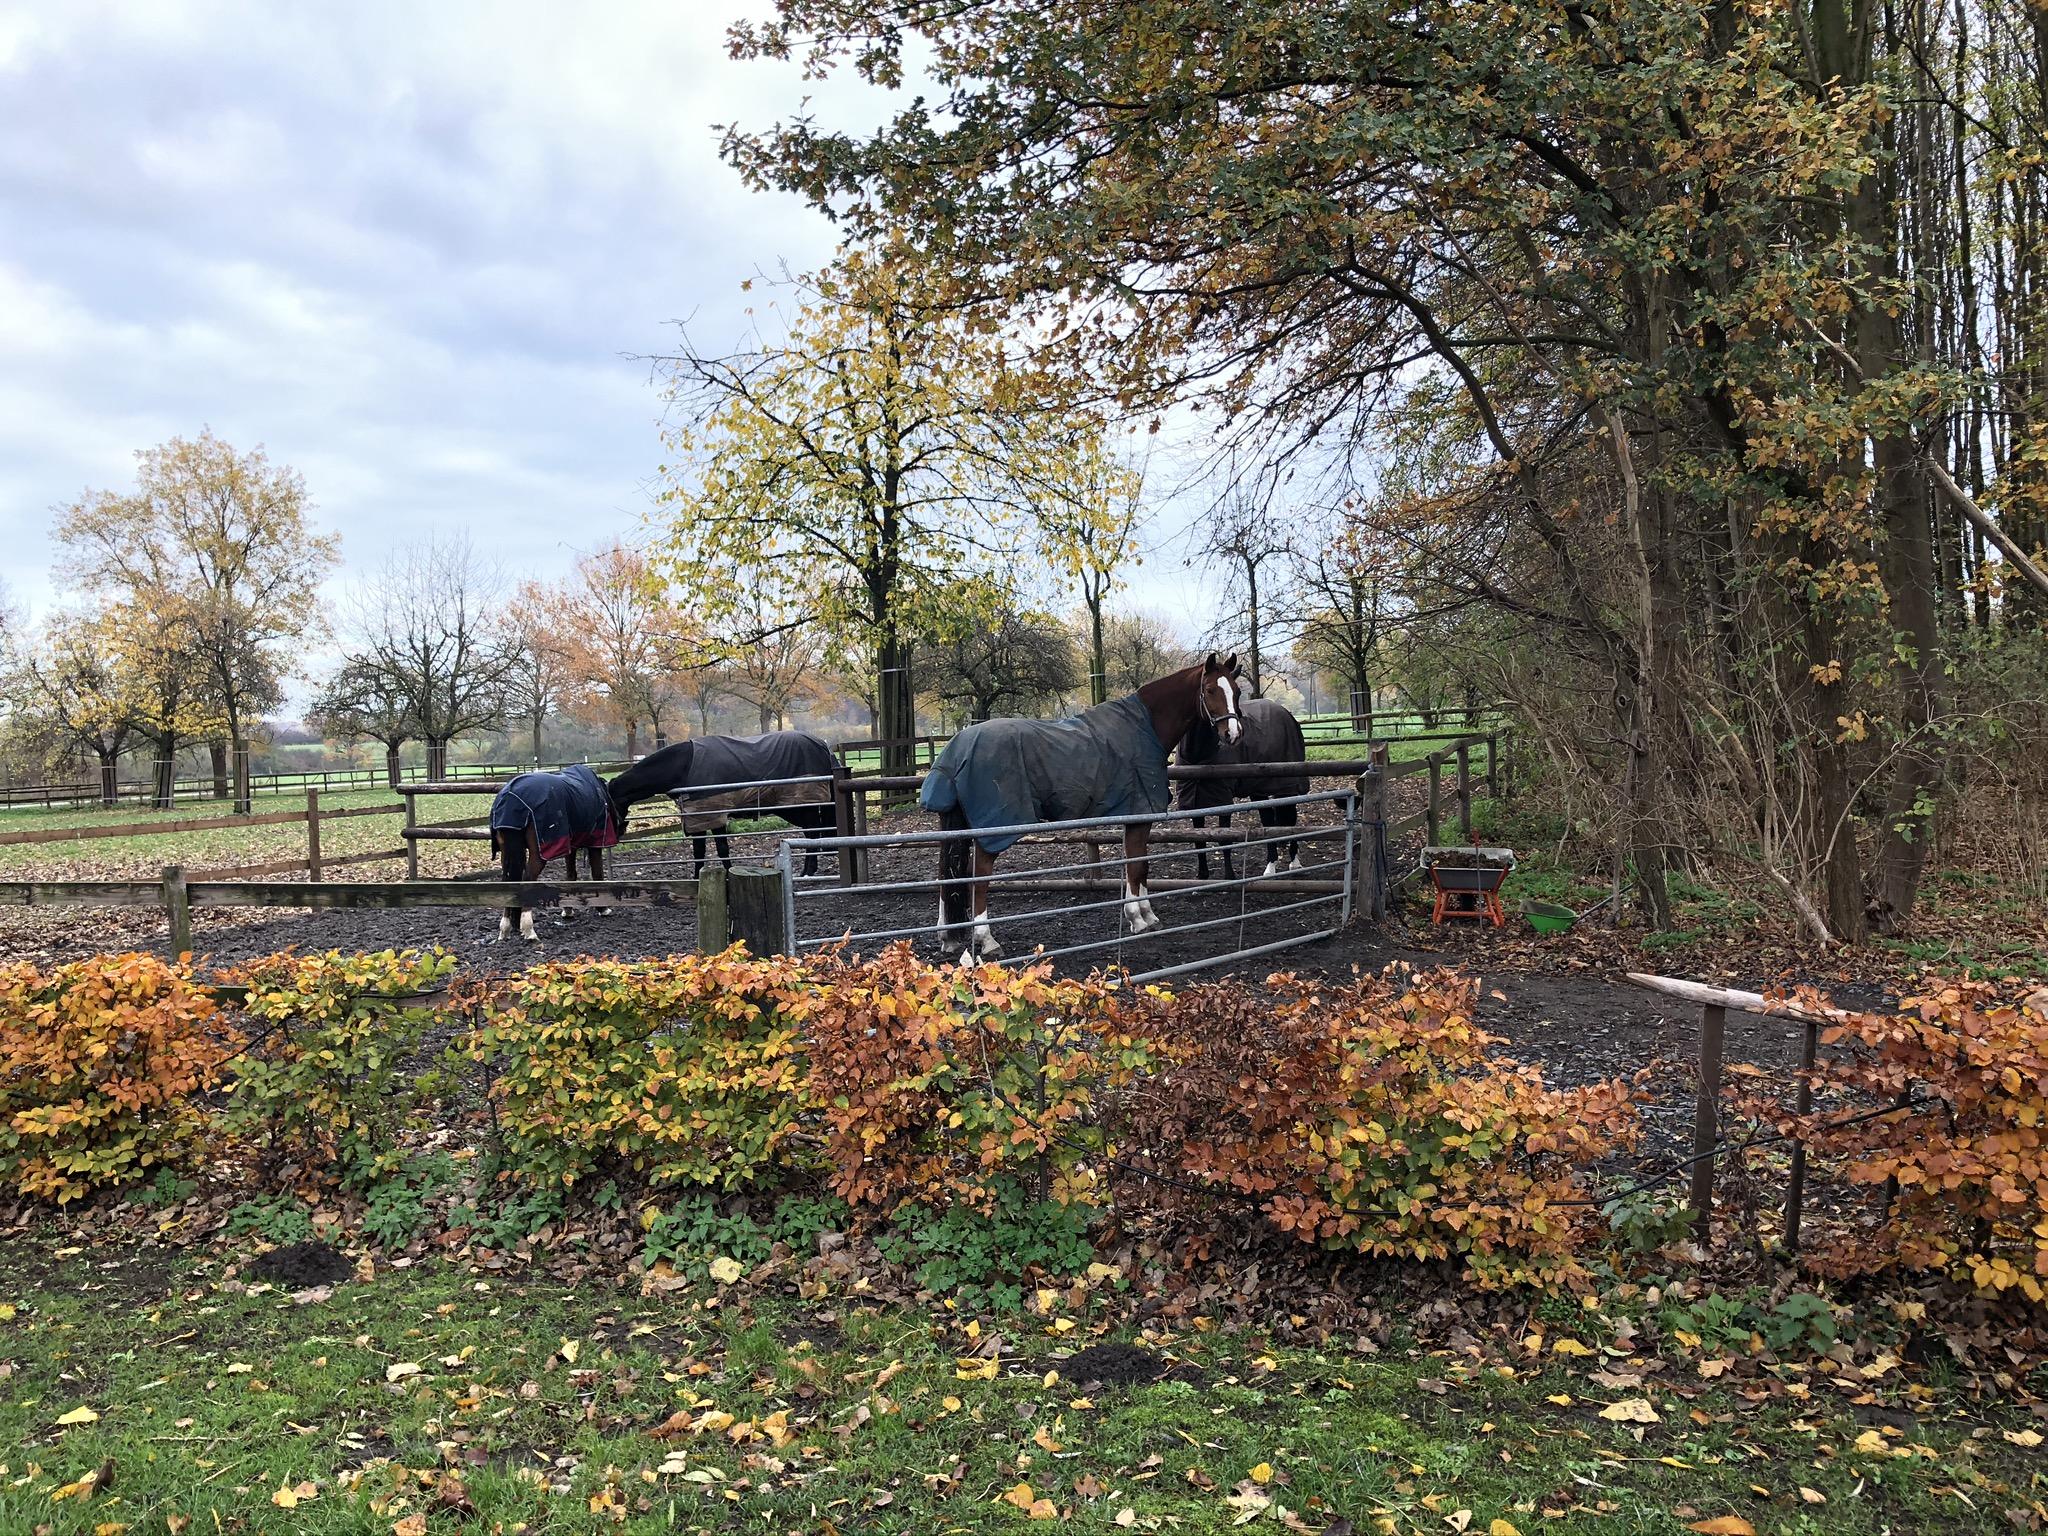 Pferde auf der Koppel am Zuweg zur Brennerei Ehringhausen